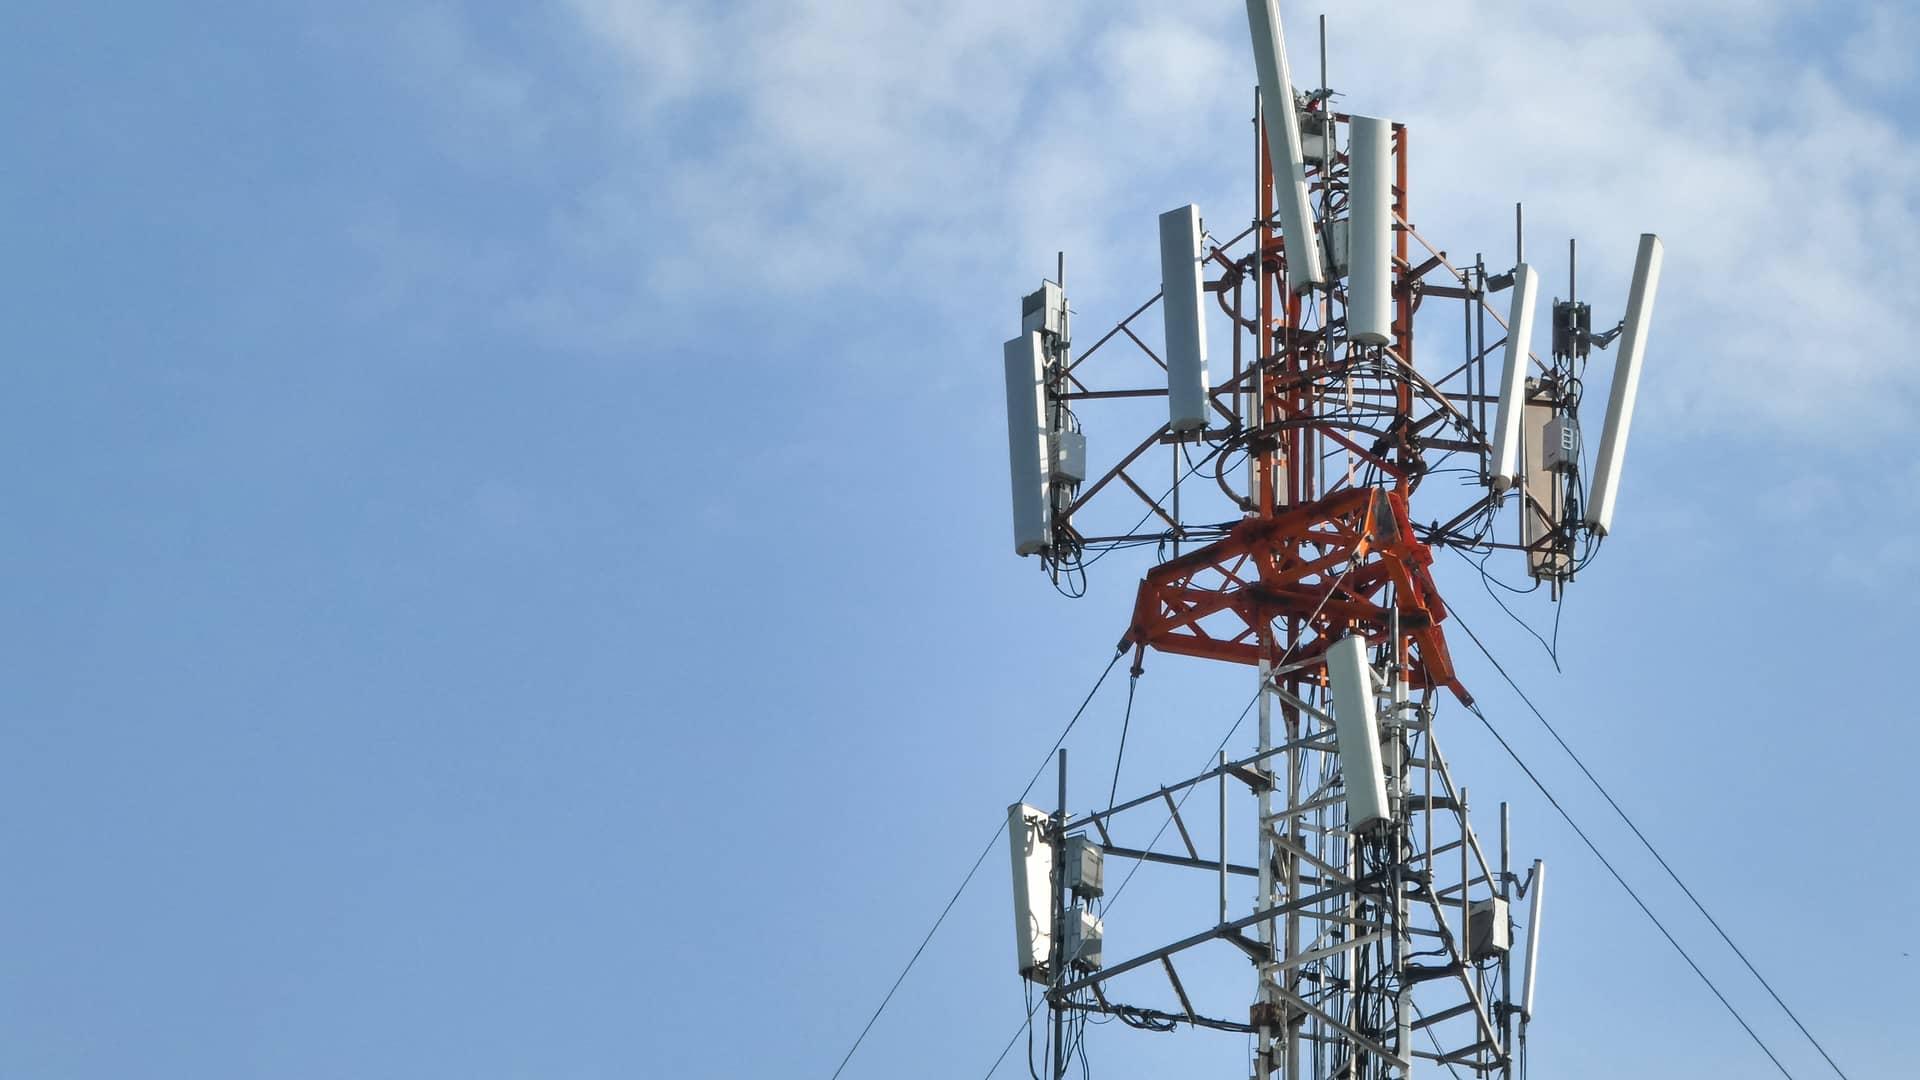 Torre de telecomunicaciones simboliza cobertura o2